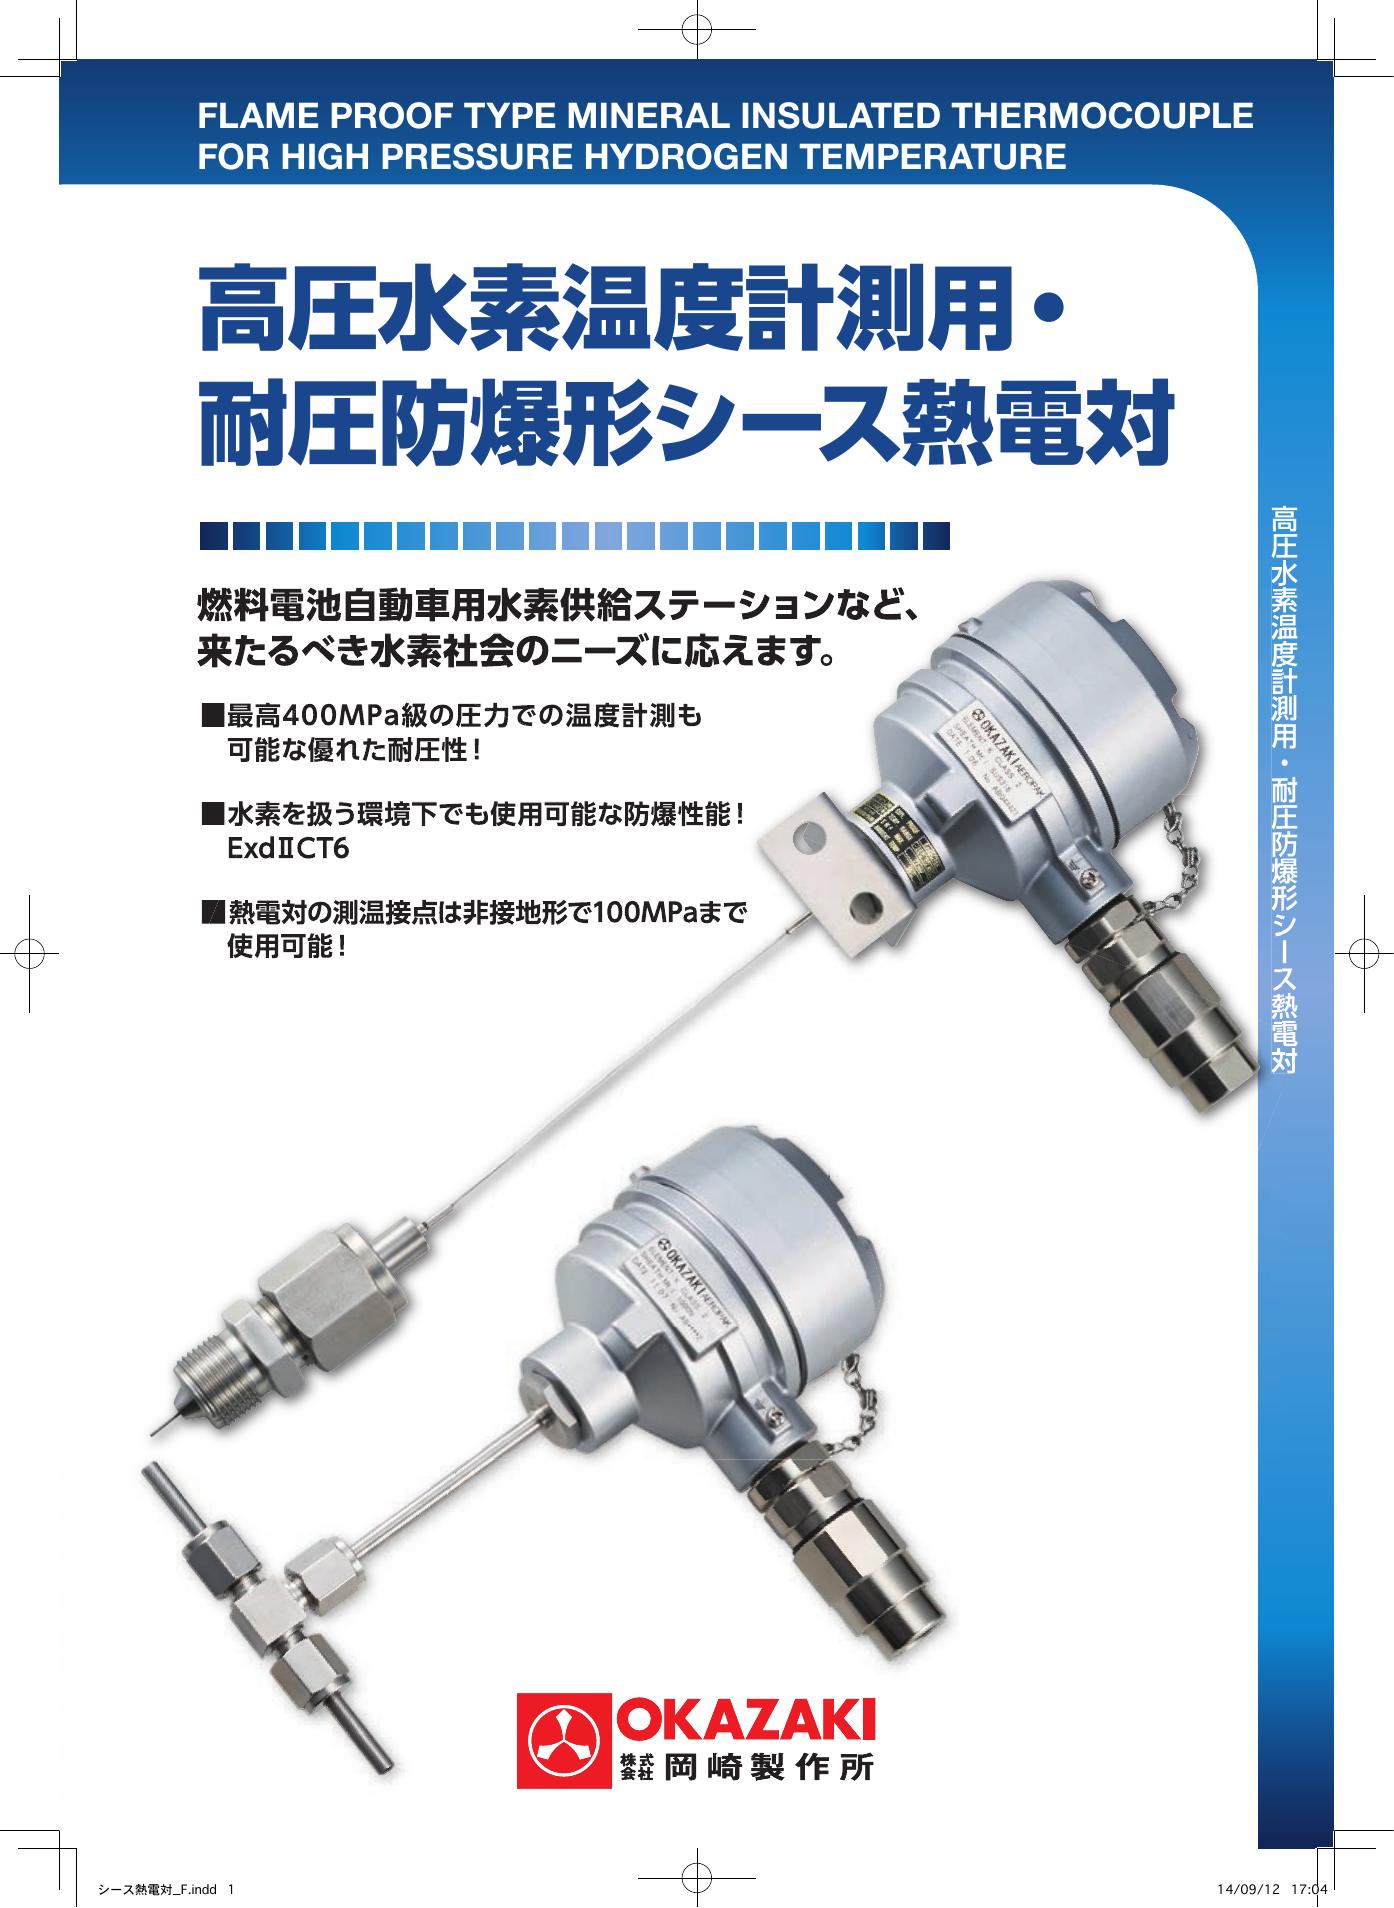 高圧水素温度計測用・耐圧防爆形シース熱電対